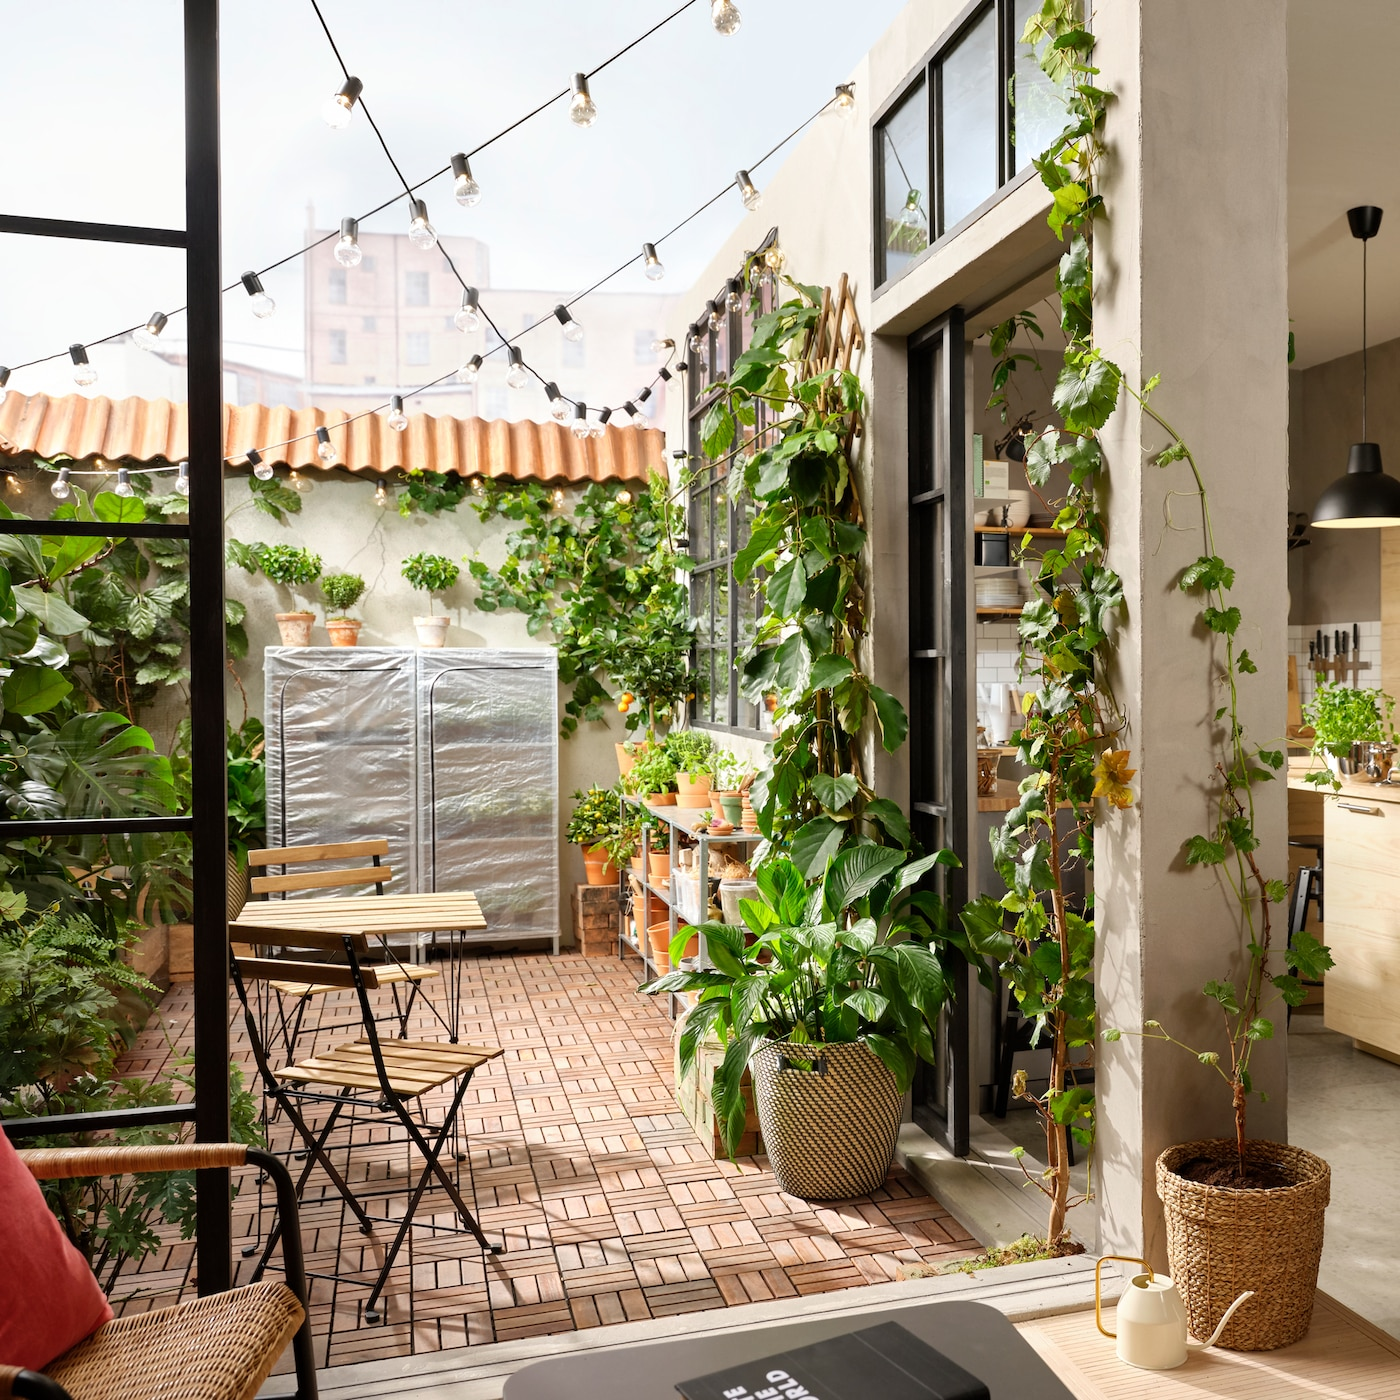 Un patio avec un plancher en bois, beaucoup de plantes vertes, des guirlandes lumineuses à DEL suspendues, une table extérieure et deux chaises.